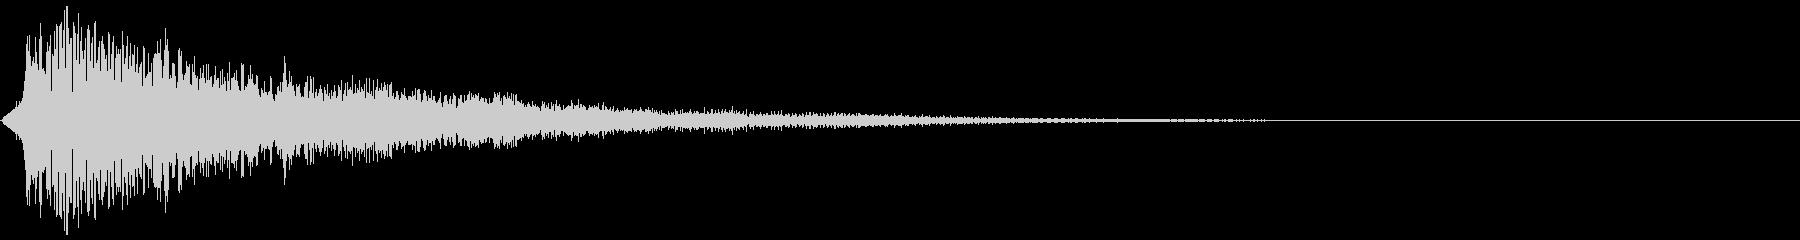 テロップ紹介(ラッパとピアノ:ポワン)6の未再生の波形